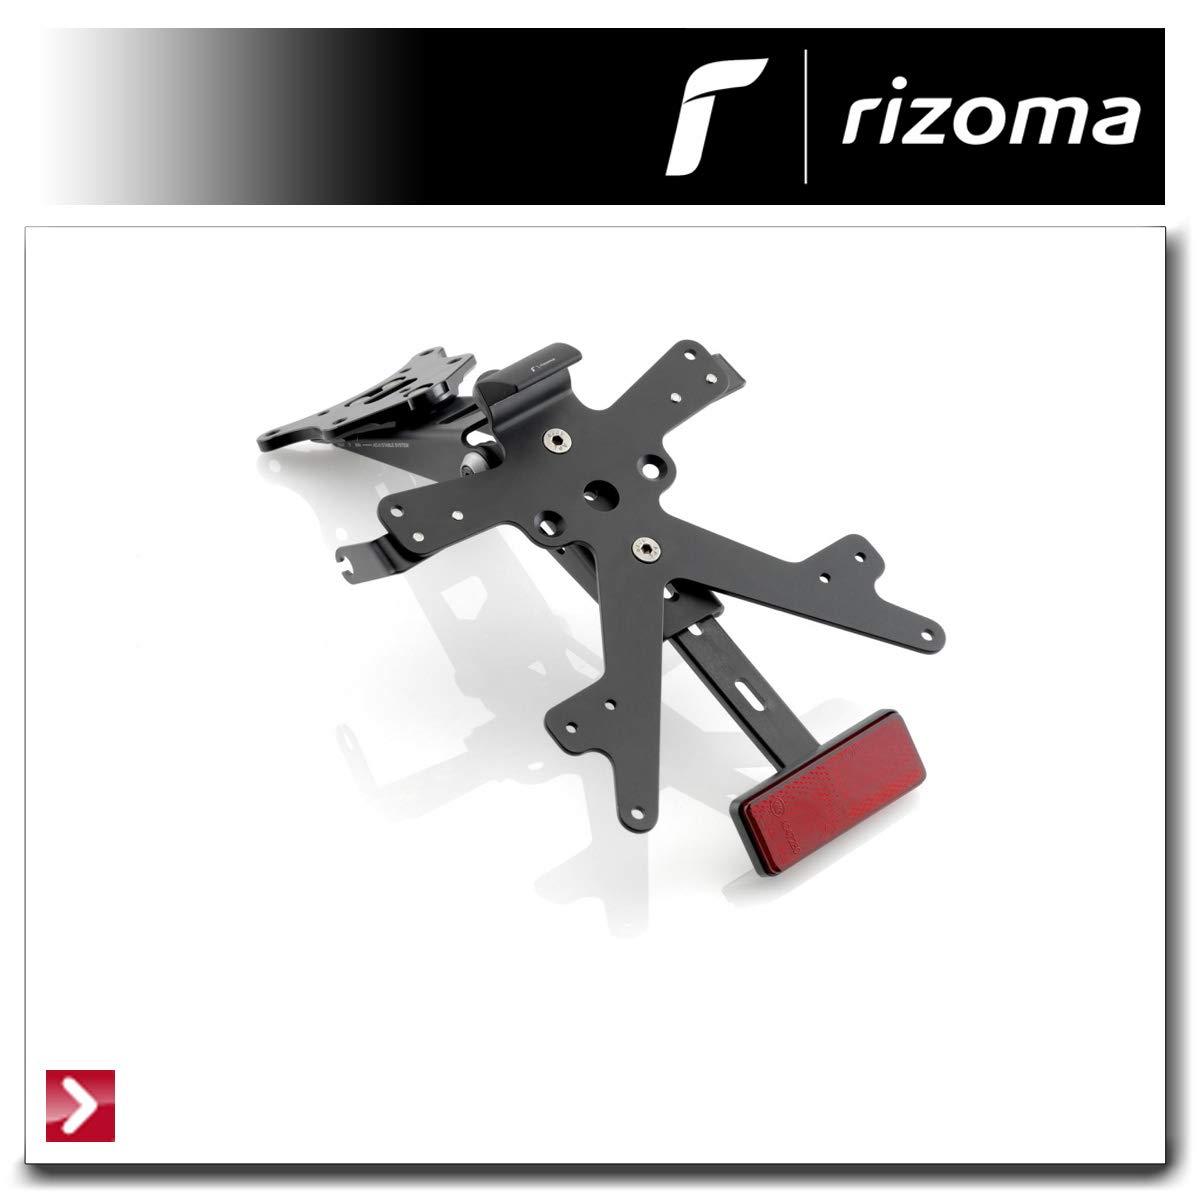 Kit Porta targa FOX RIZOMA Nero PT214B